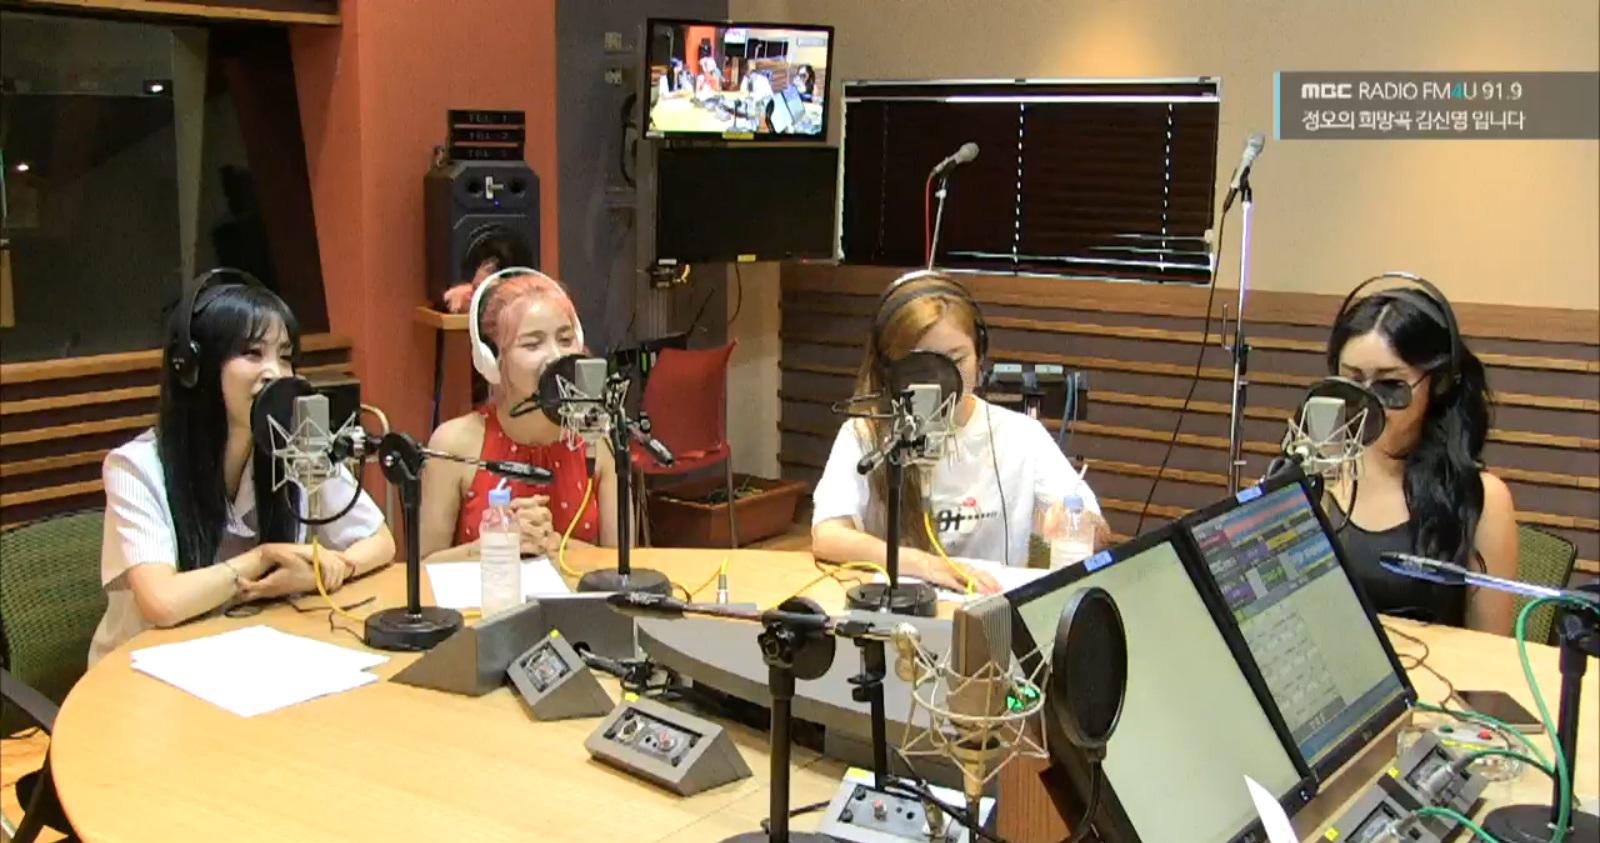 <정오의 희망곡> 마마무 문별, '92클럽'방탄소년단 진-B1A4 산들과 친분과시